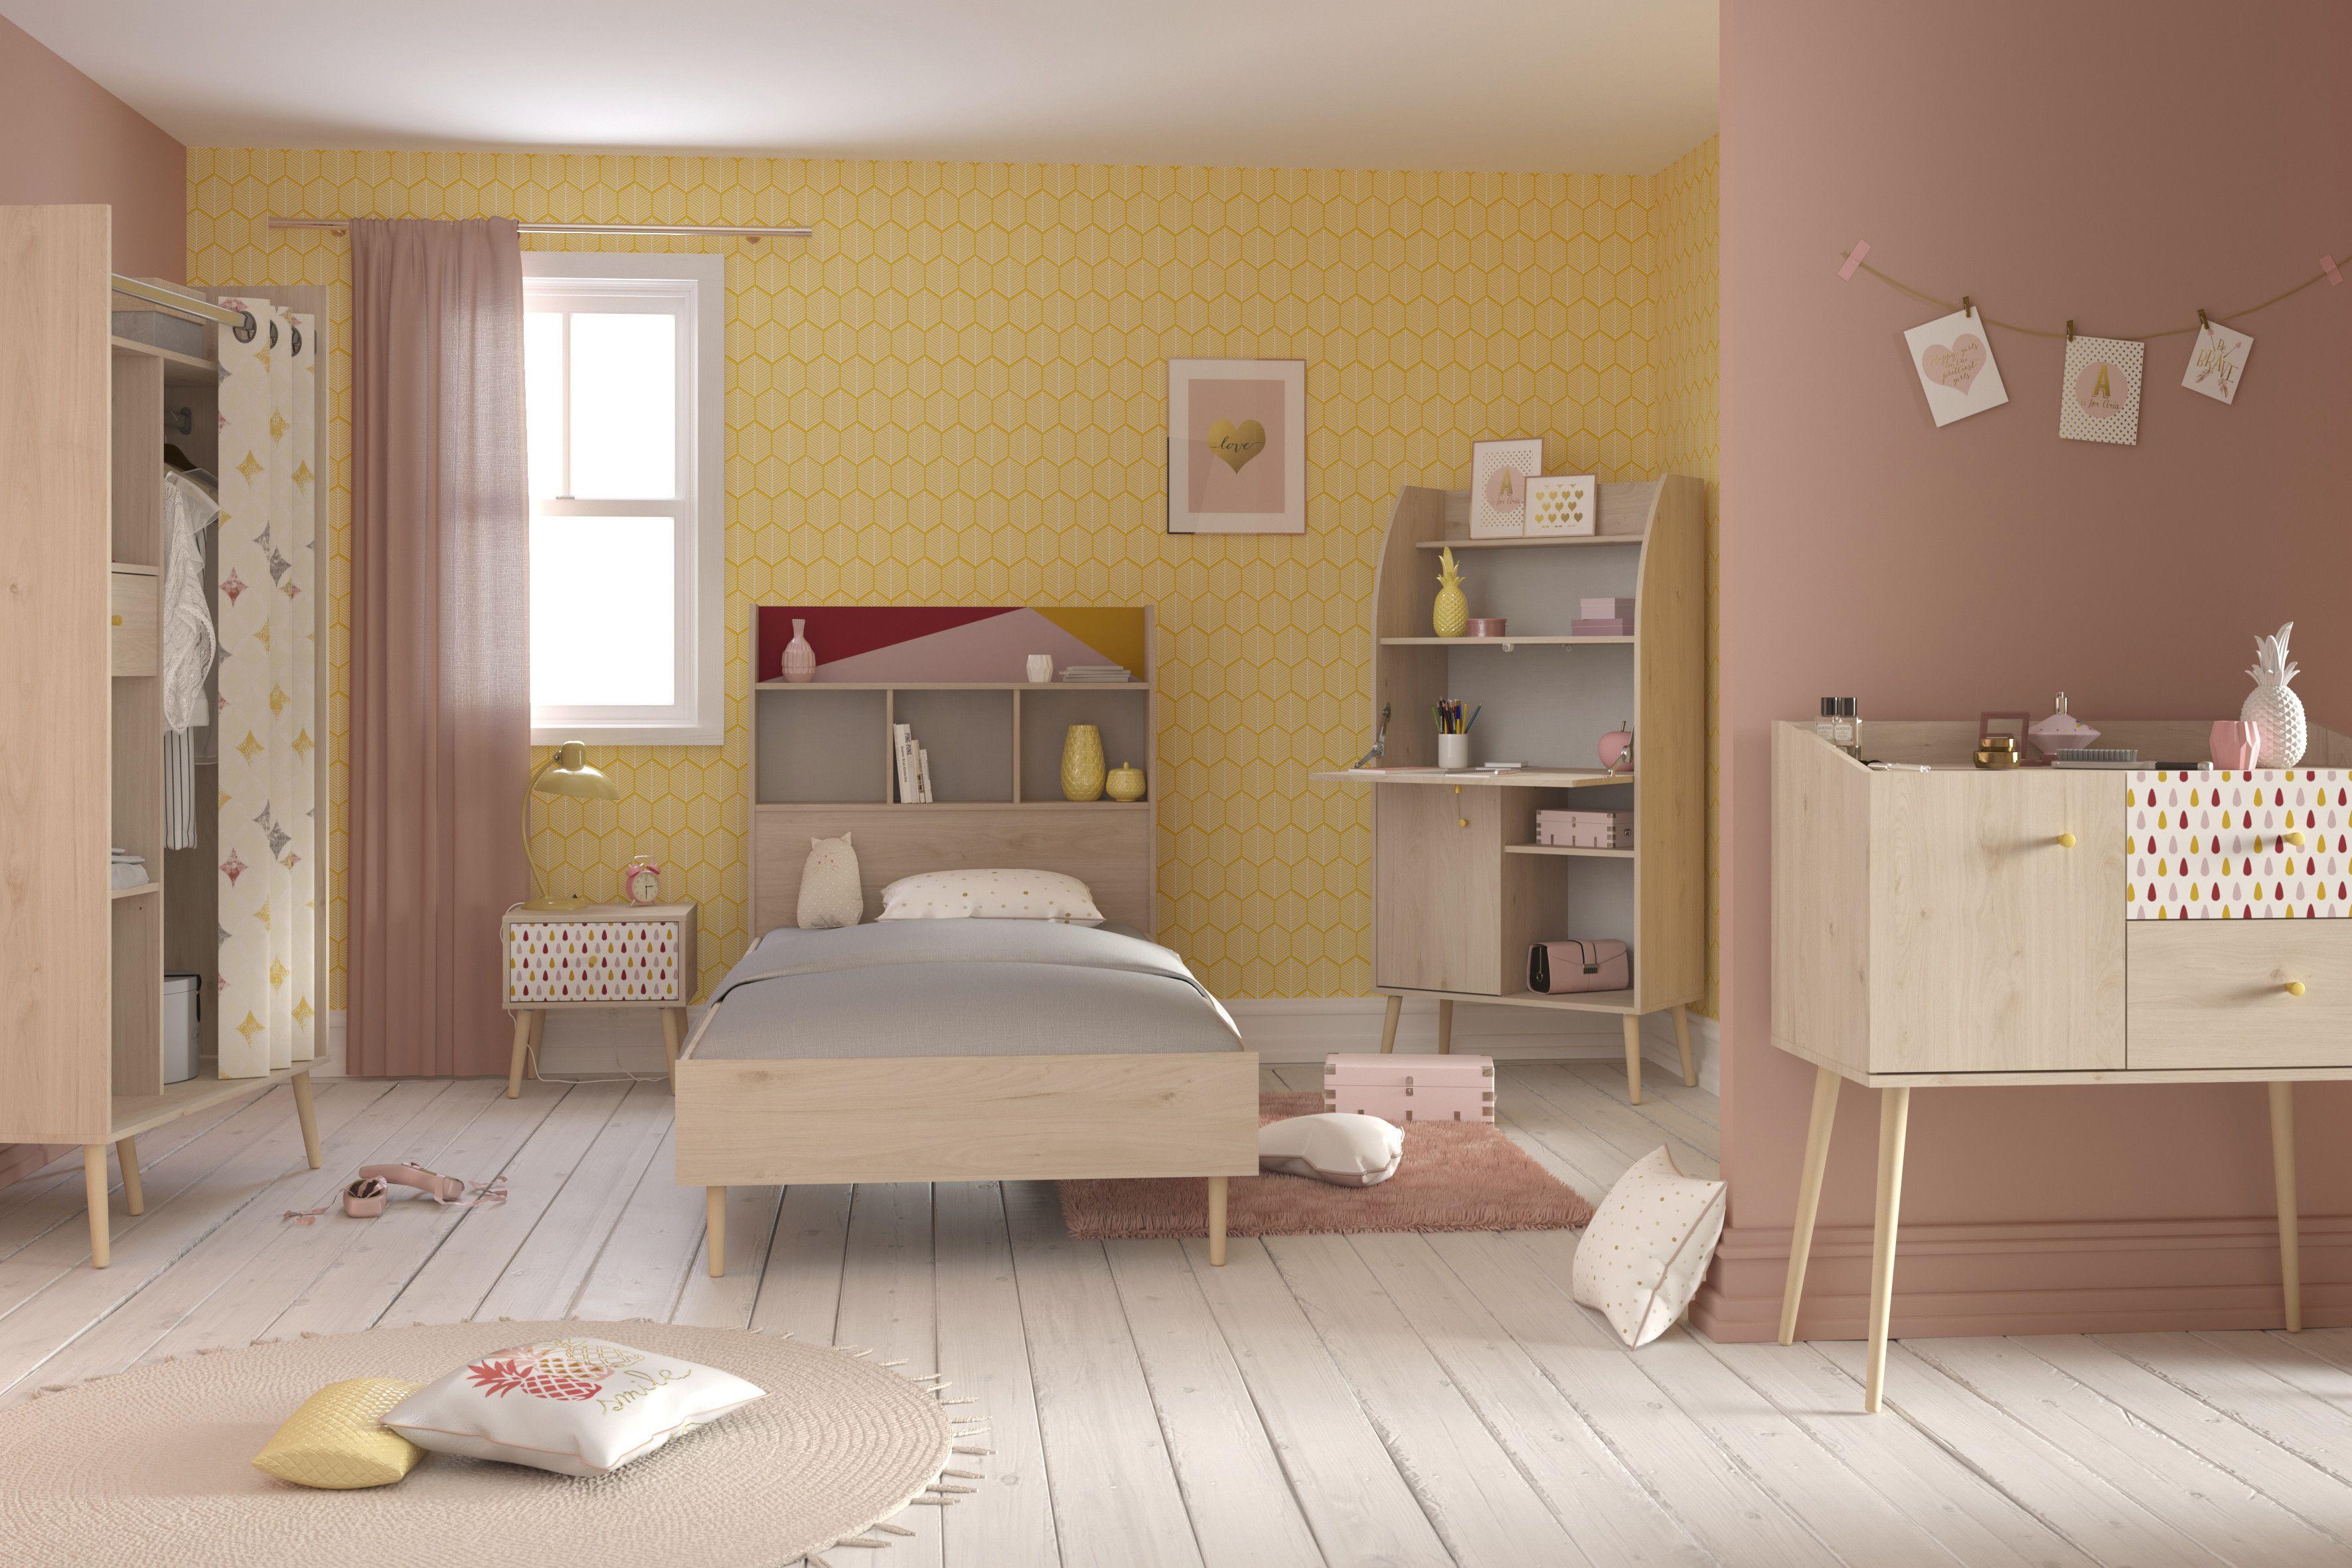 Chambre Enfant Hanna Decoree D Un Dessin Retro Emob Chambre Enfant Mobilier De Salon Decoration Maison